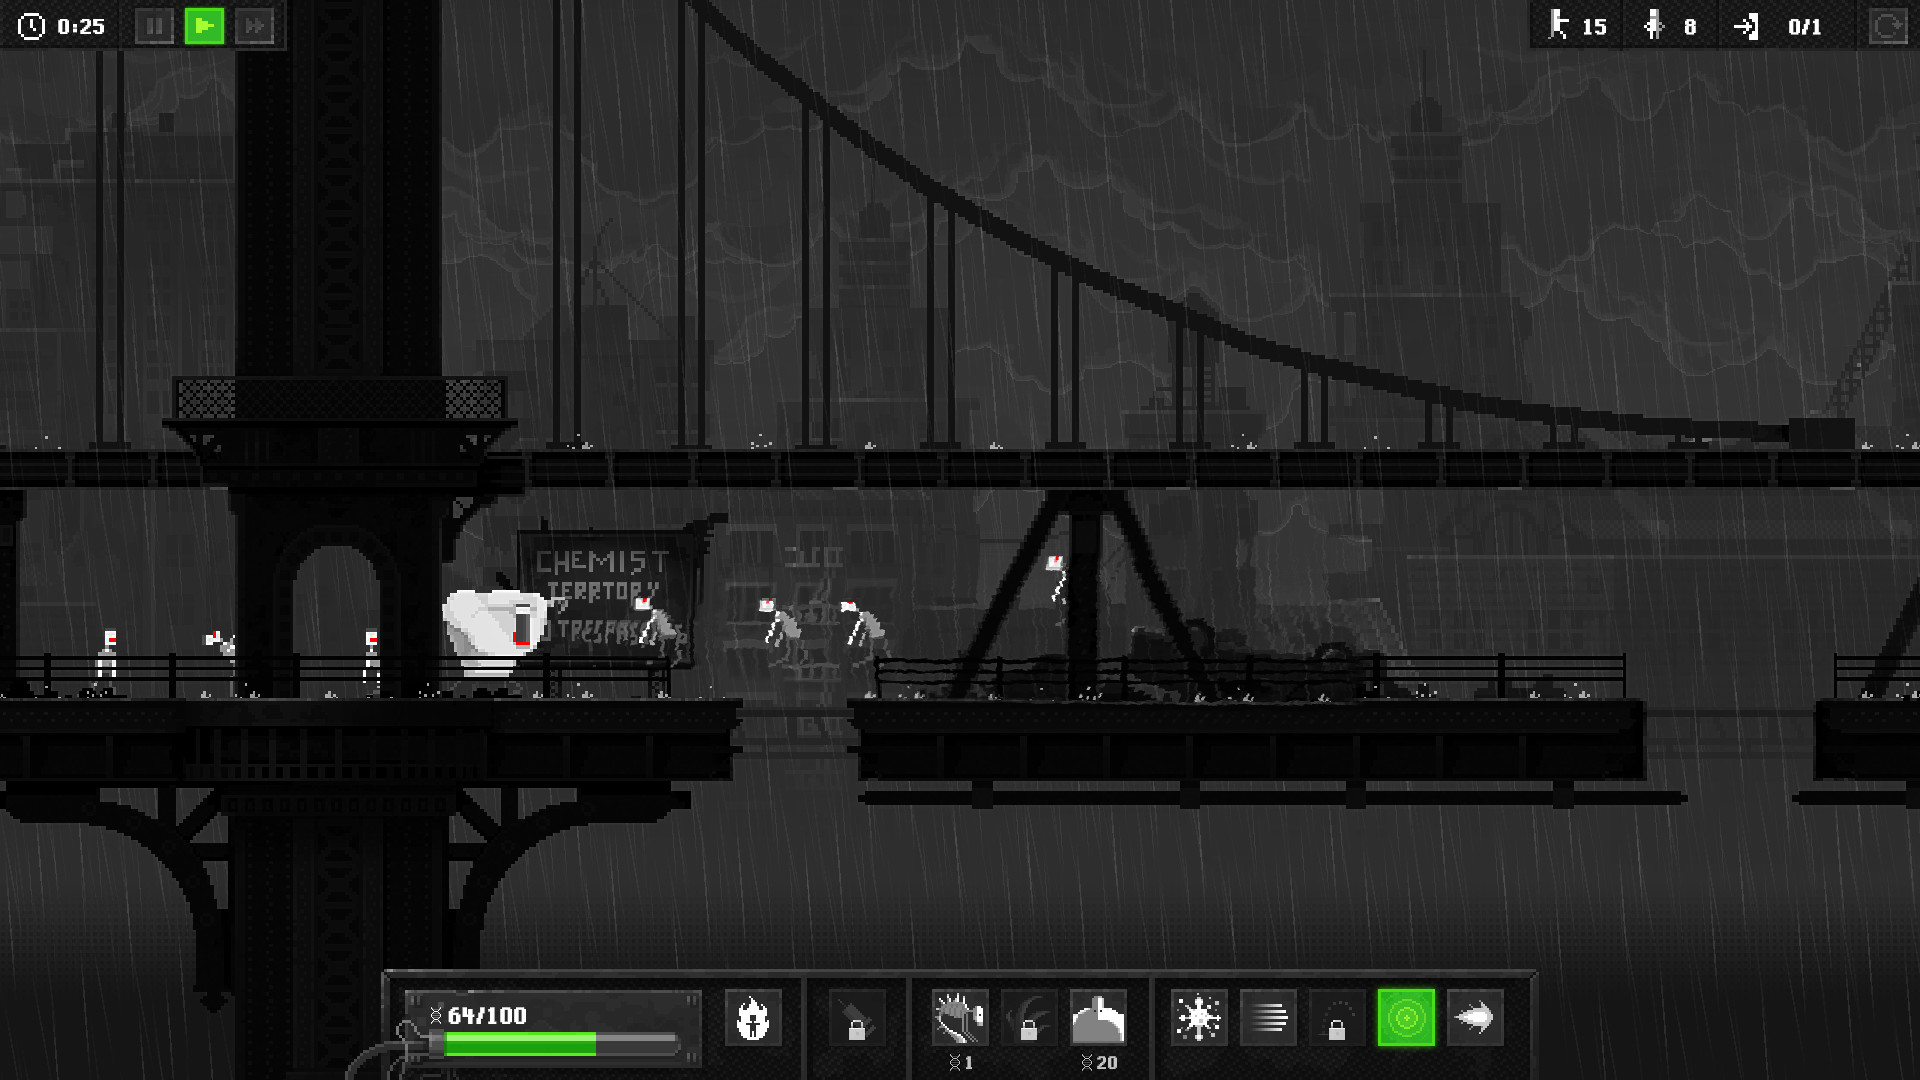 Zombie Night Terror screenshot